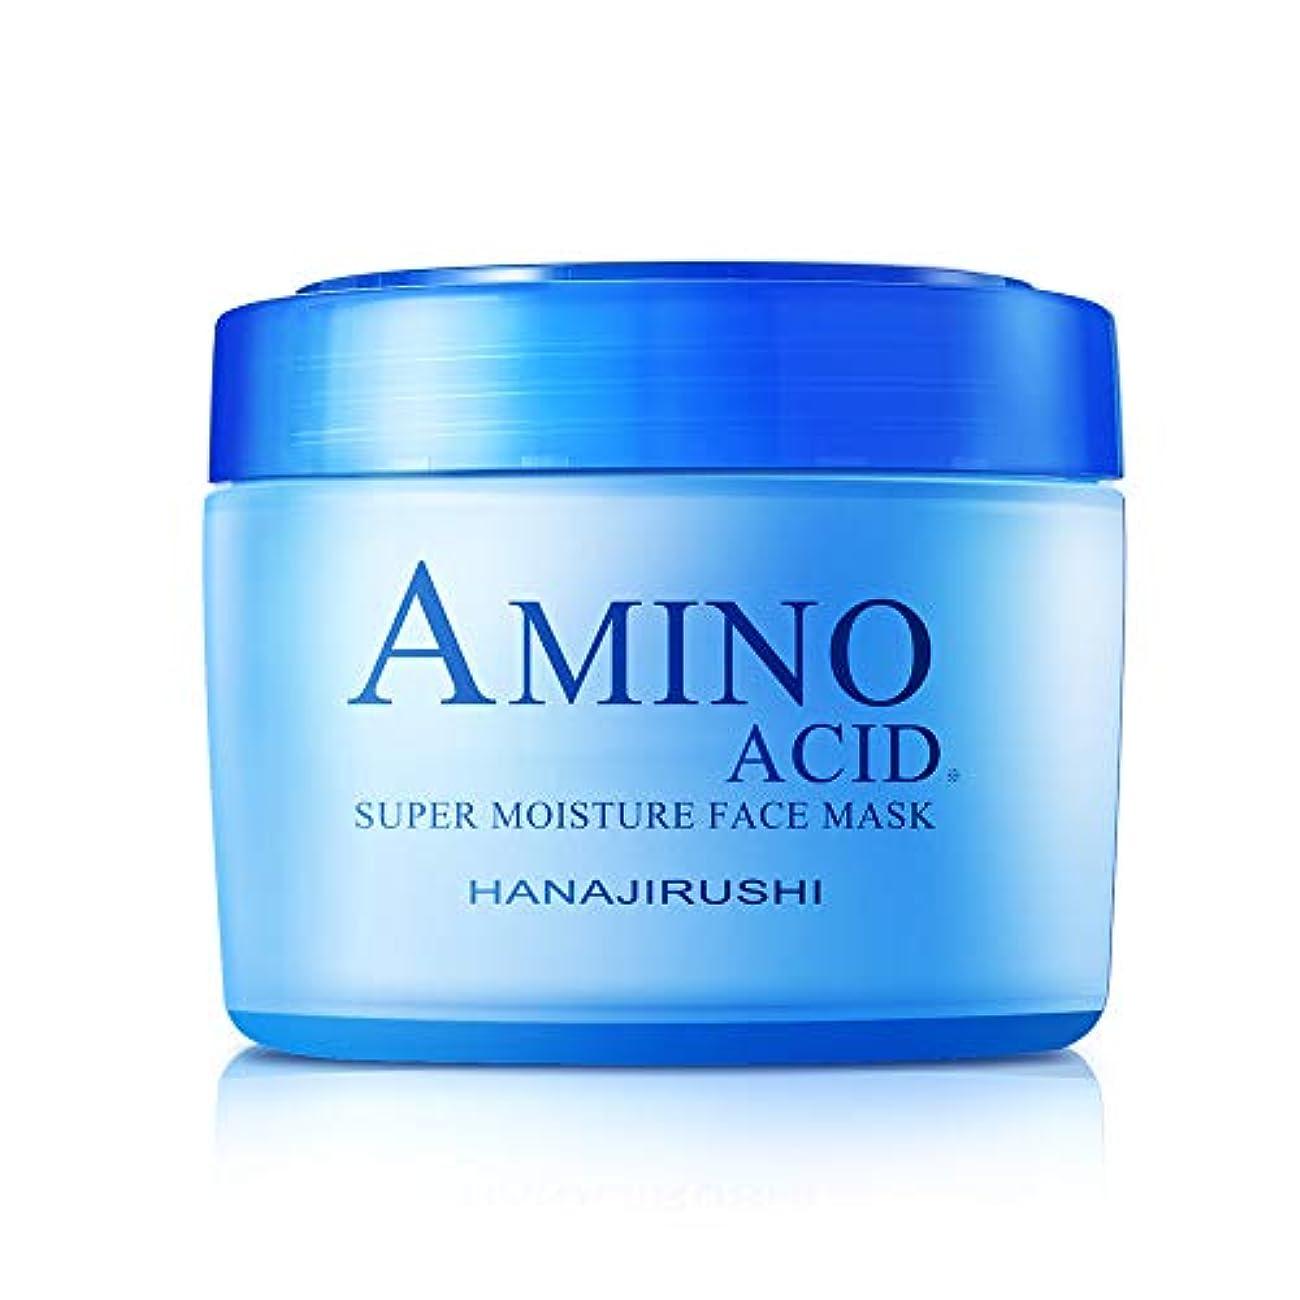 スナップ必要性戻る花印 高保湿濃潤ジェル状フェイスパック220gヒト型セラミド&アミノ酸配合